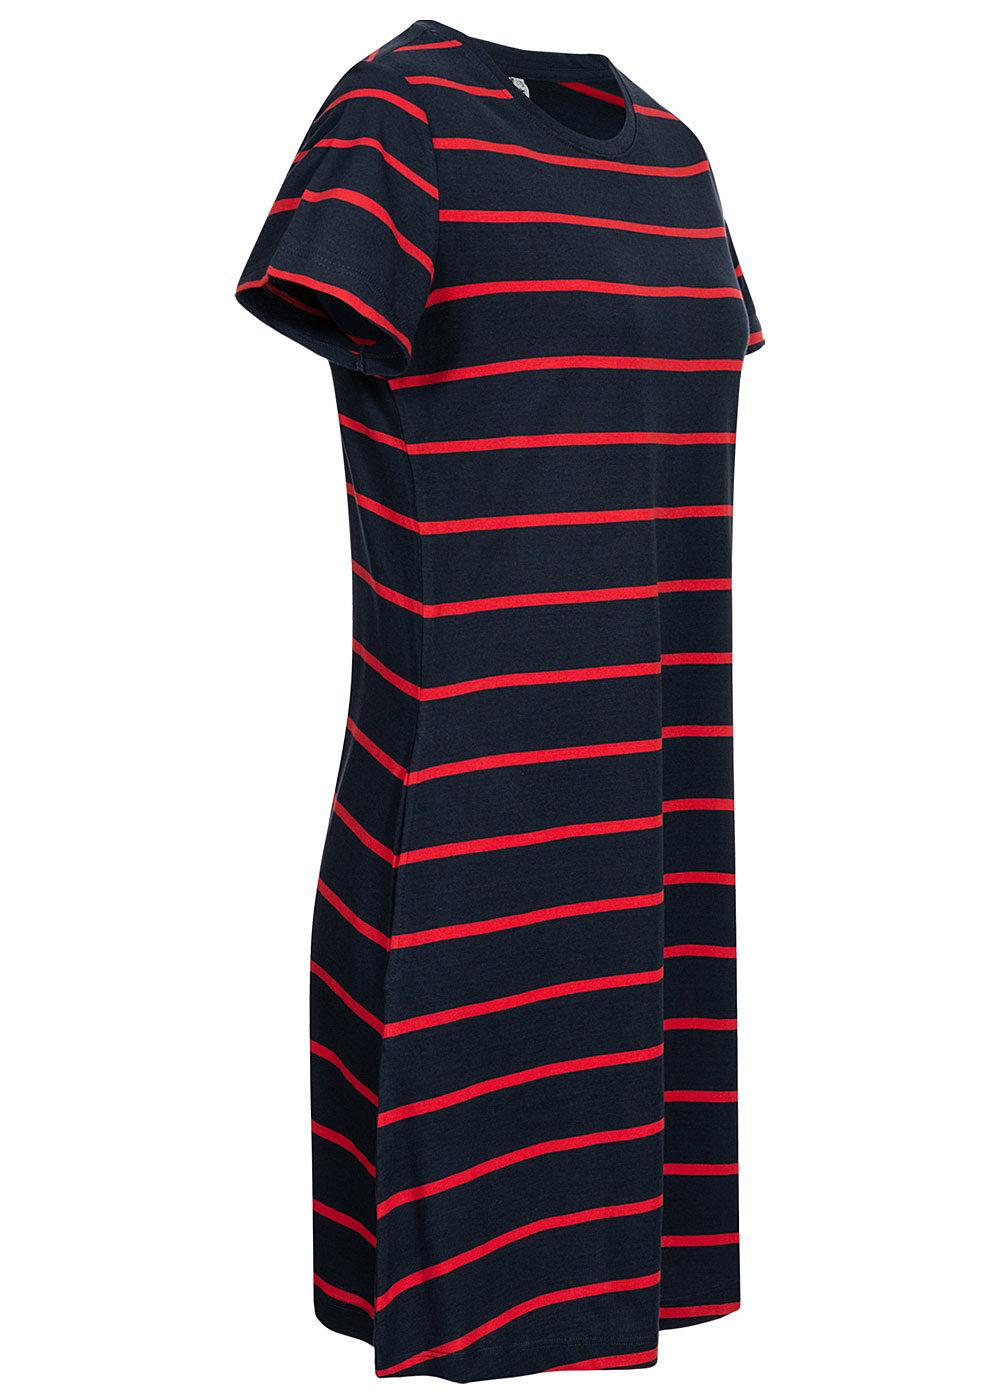 ONLY Damen Basic Jersey Kleid 2-Pockets Streifen Muster ...